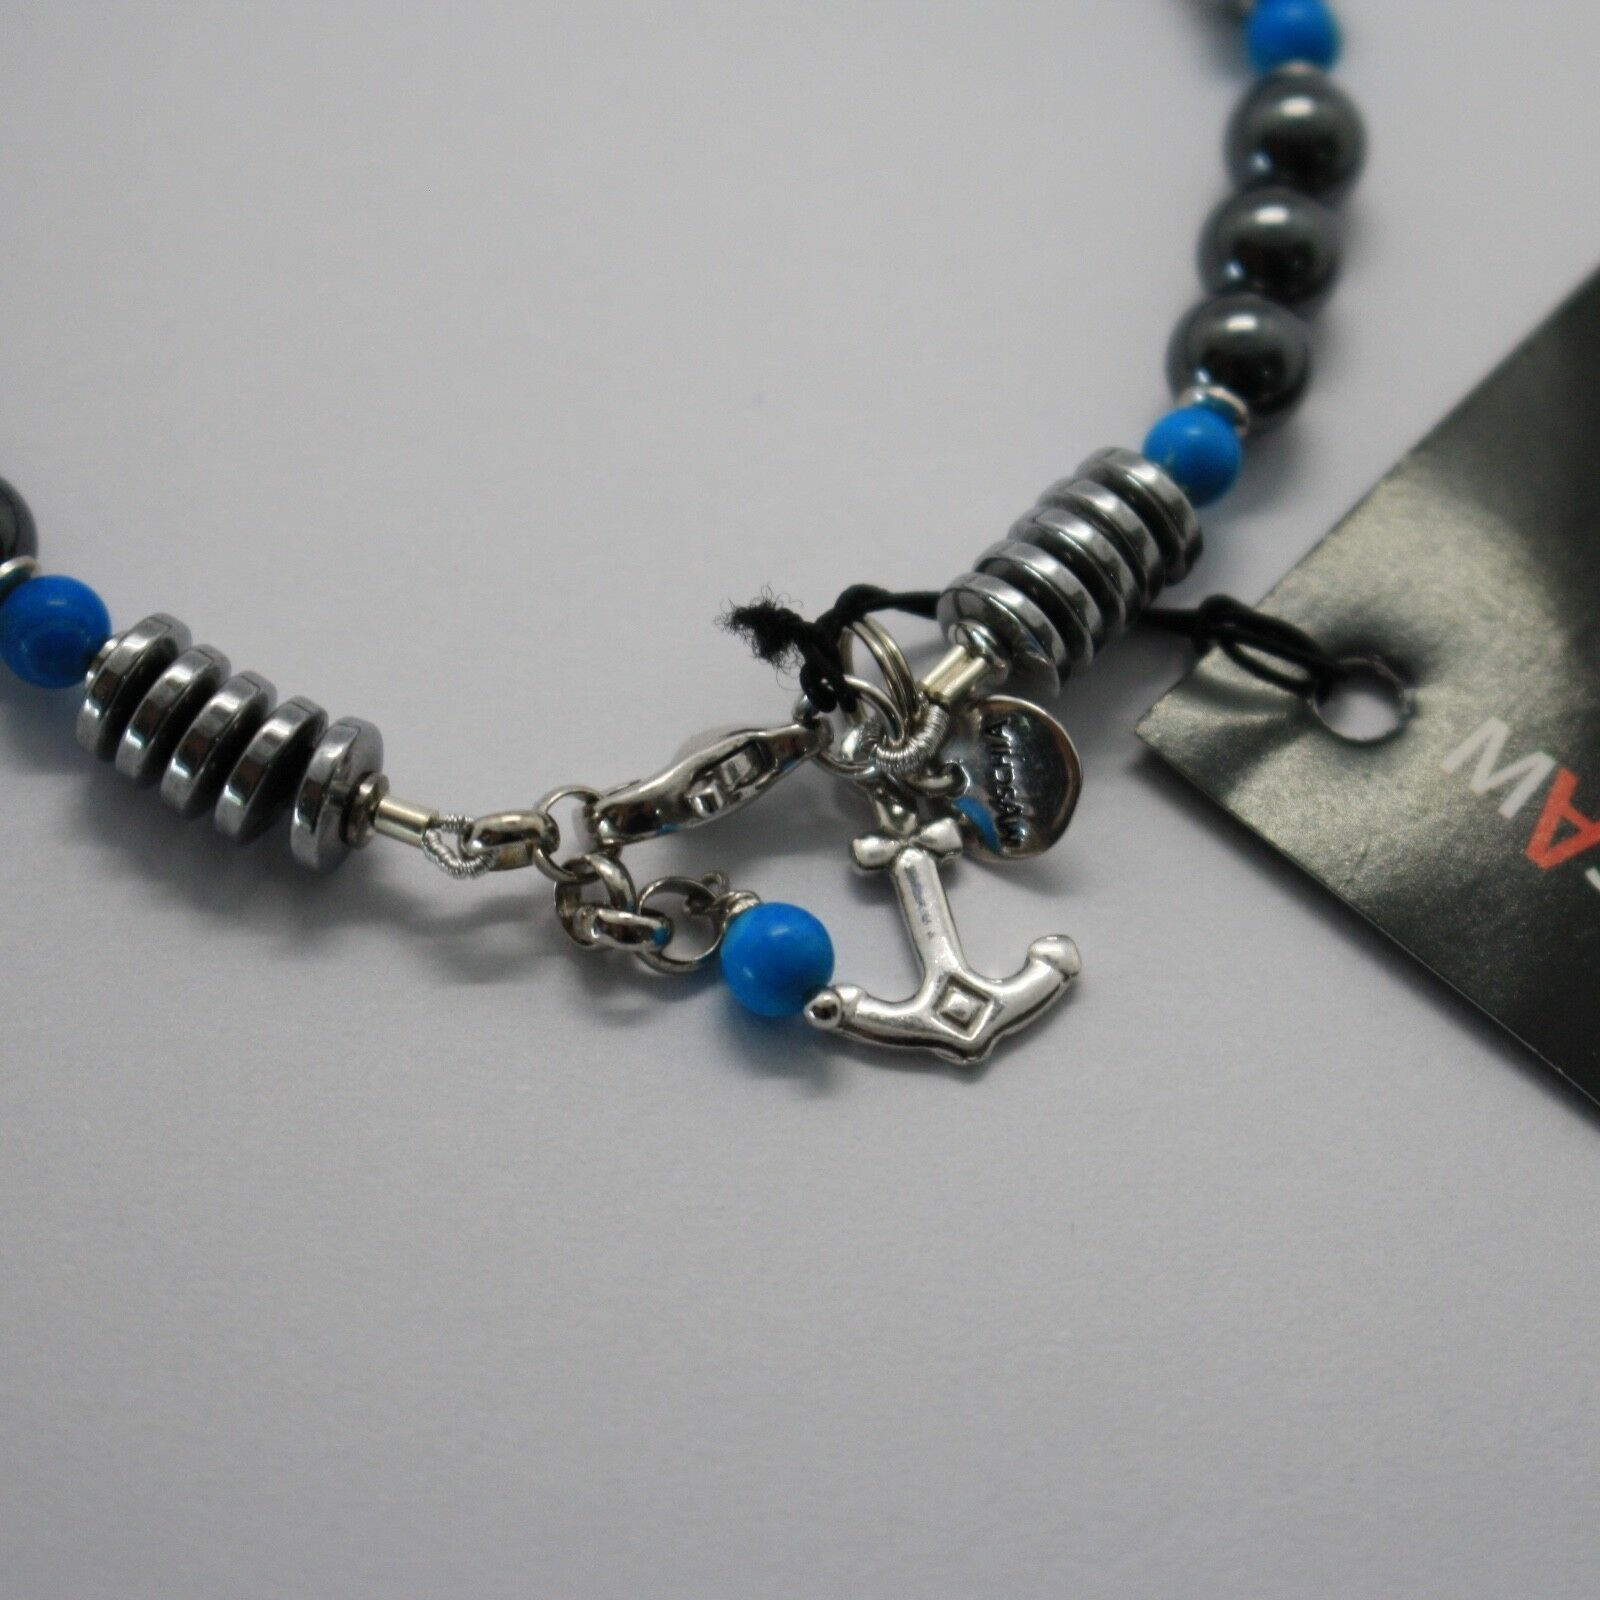 Bracelet en Argent 925 avec Turquoise Ed Hématite BLE-2 Fabriqué en Italie By image 4